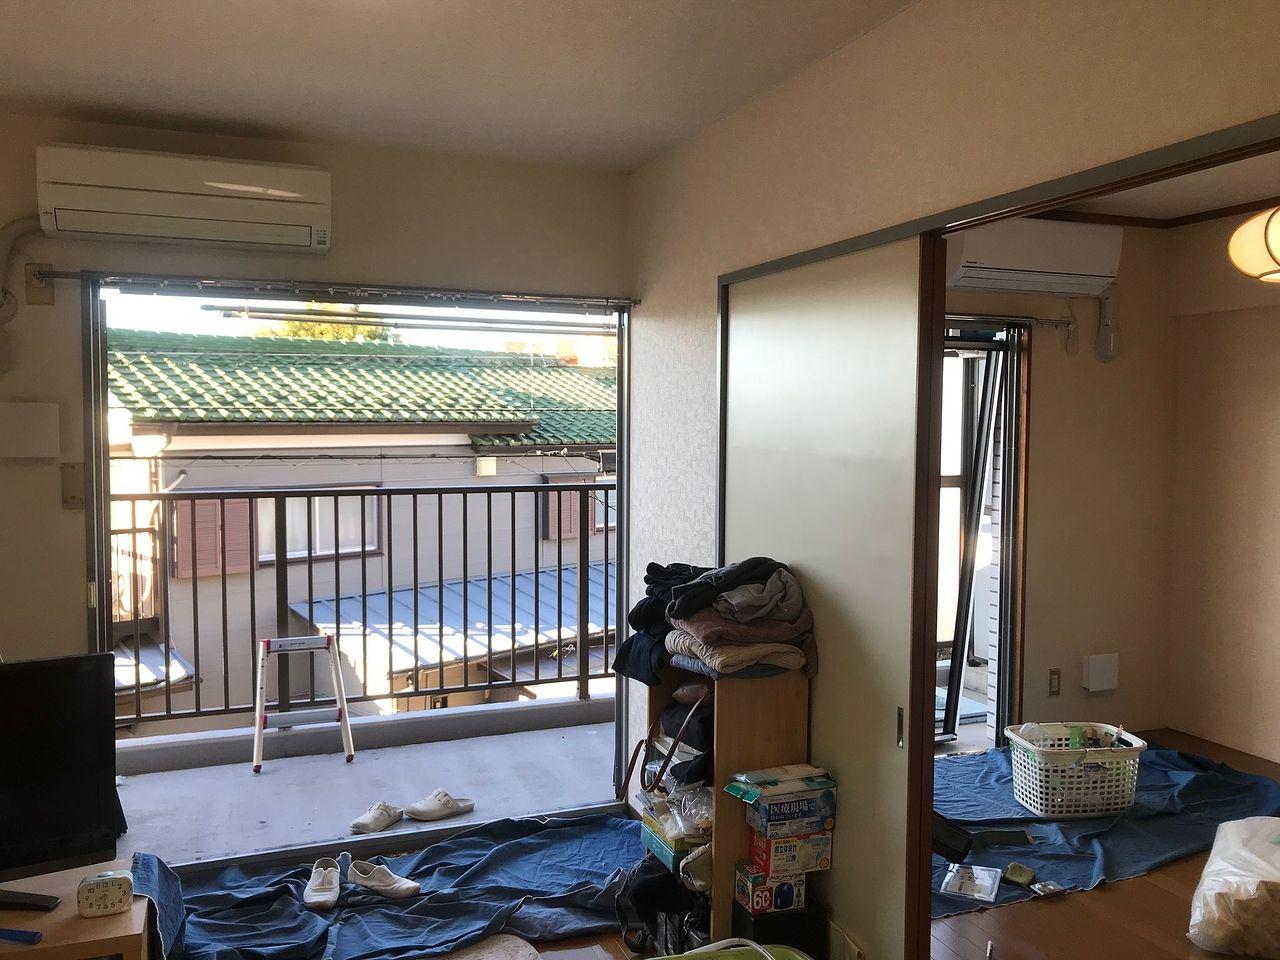 住宅防音工事のため窓のサッシがなくなっています。